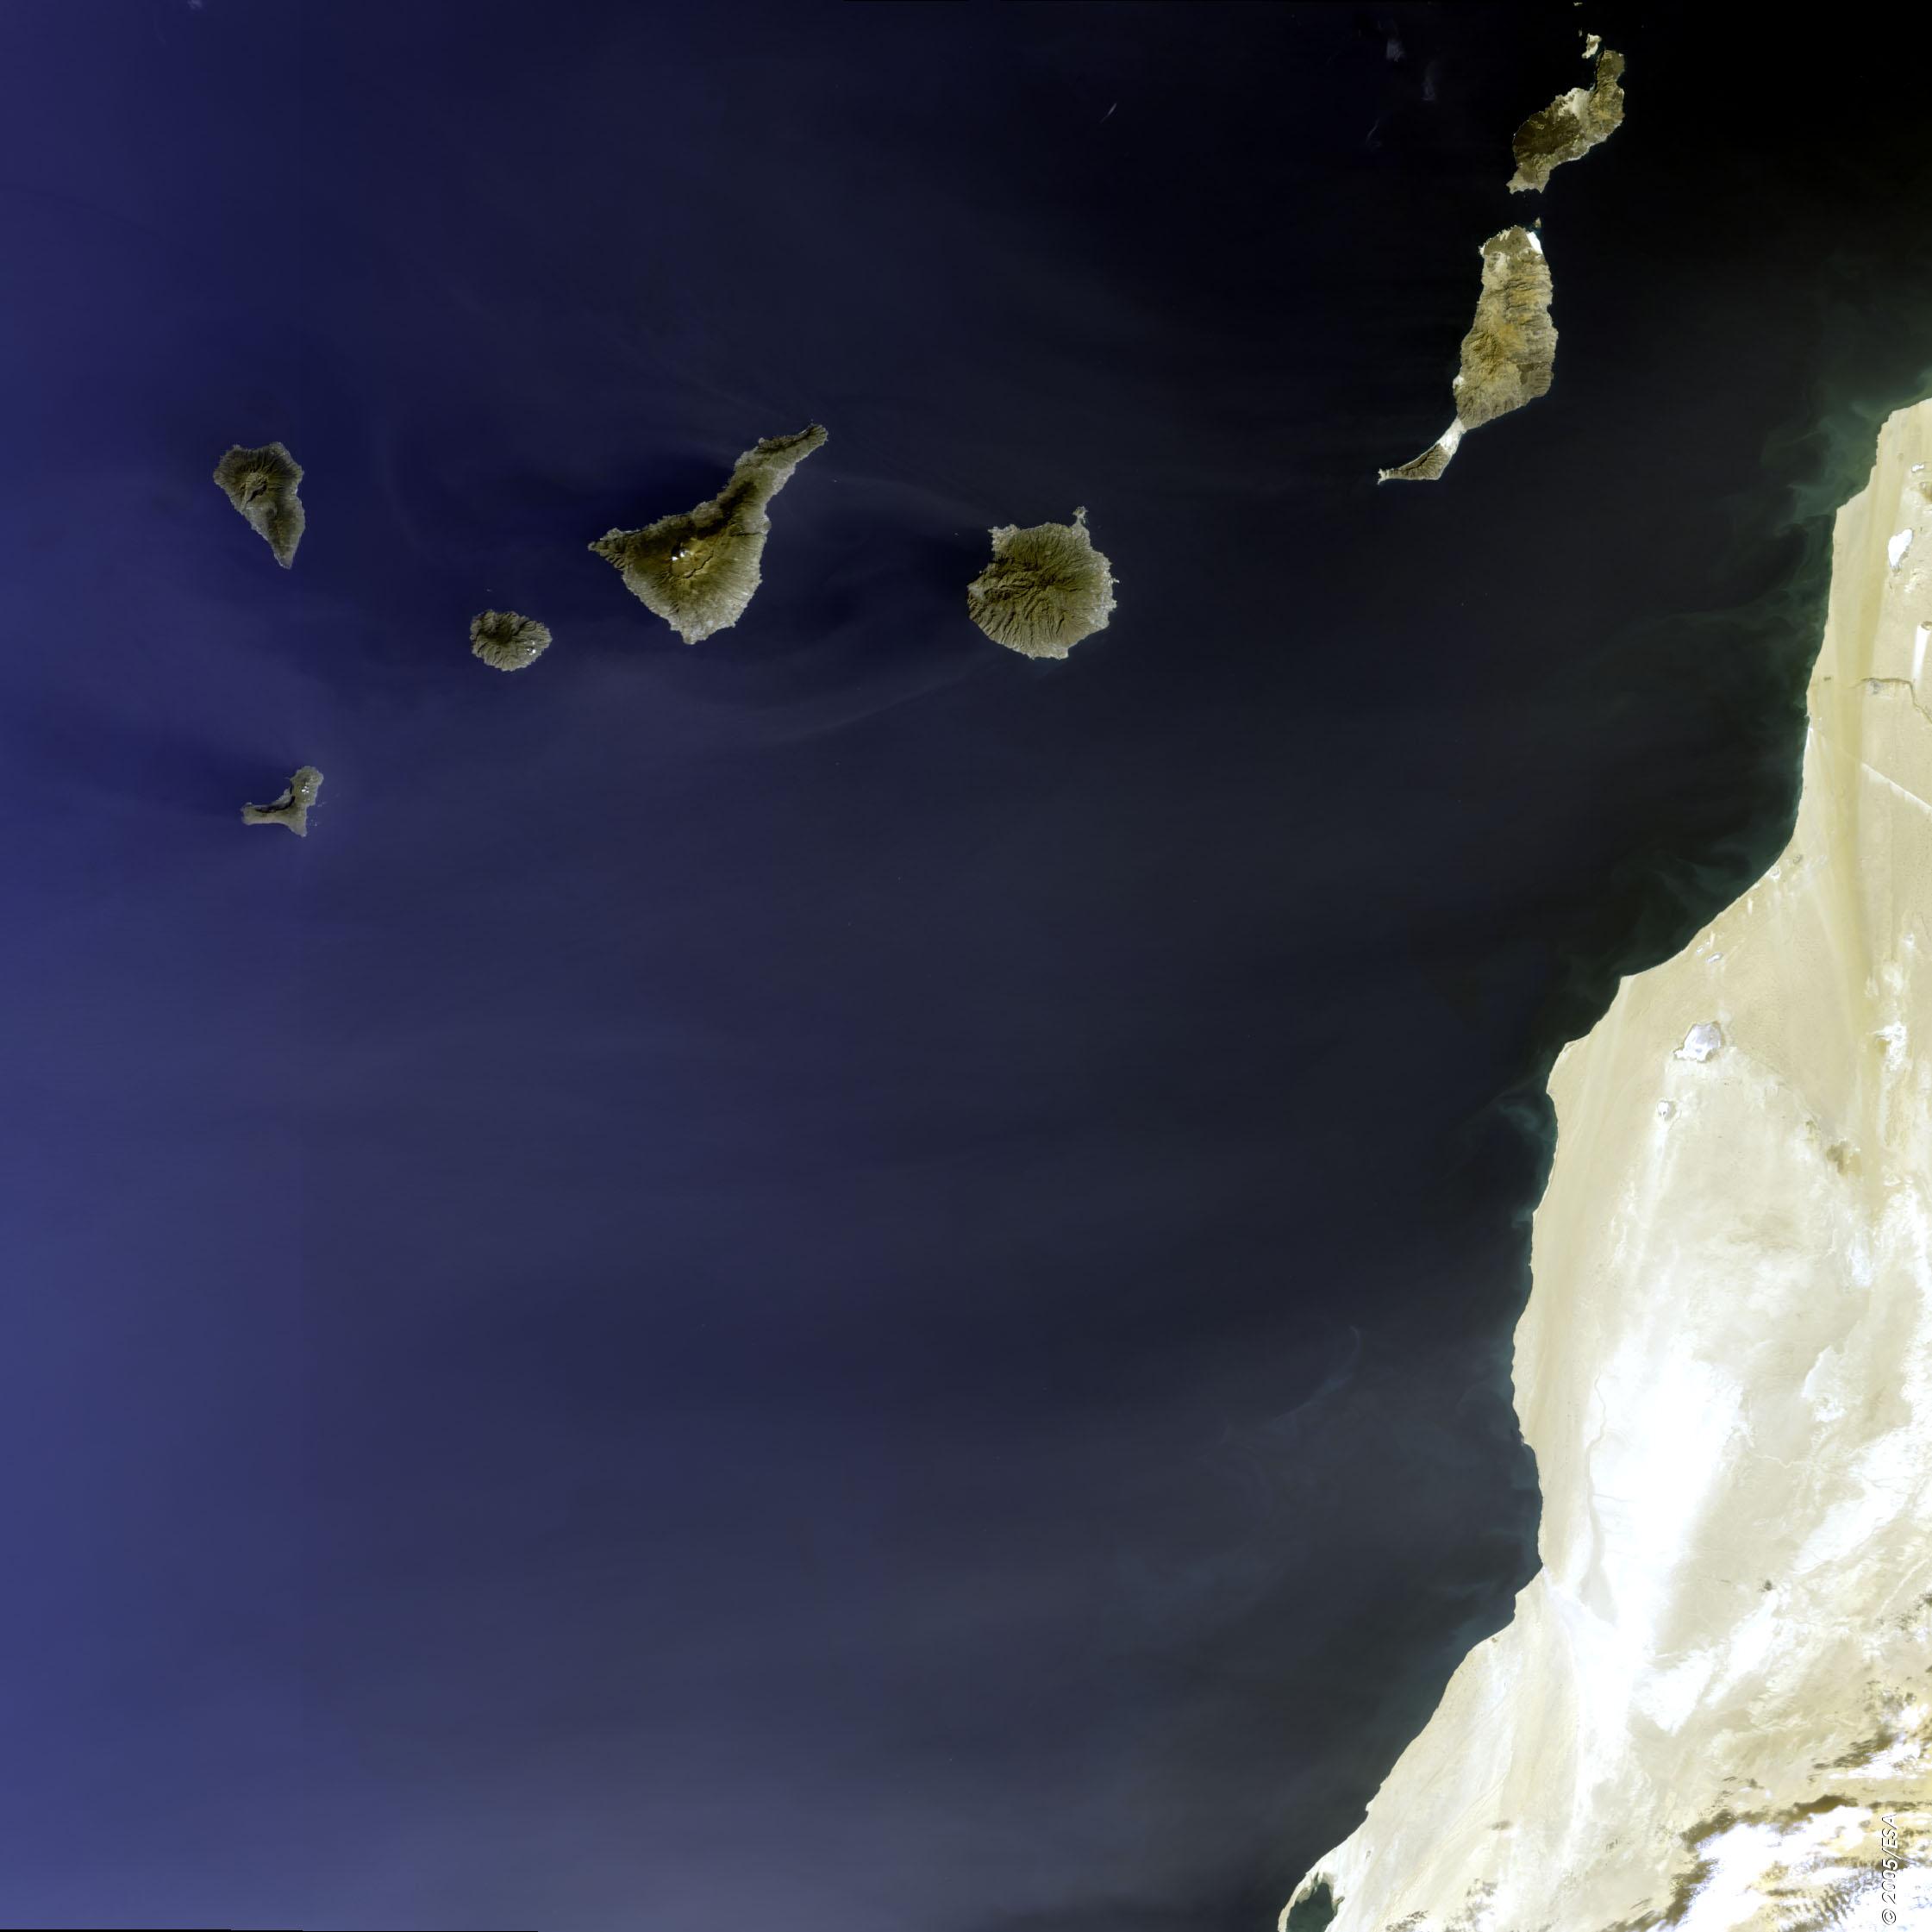 Imagen satelital de las Islas Canarias 2005